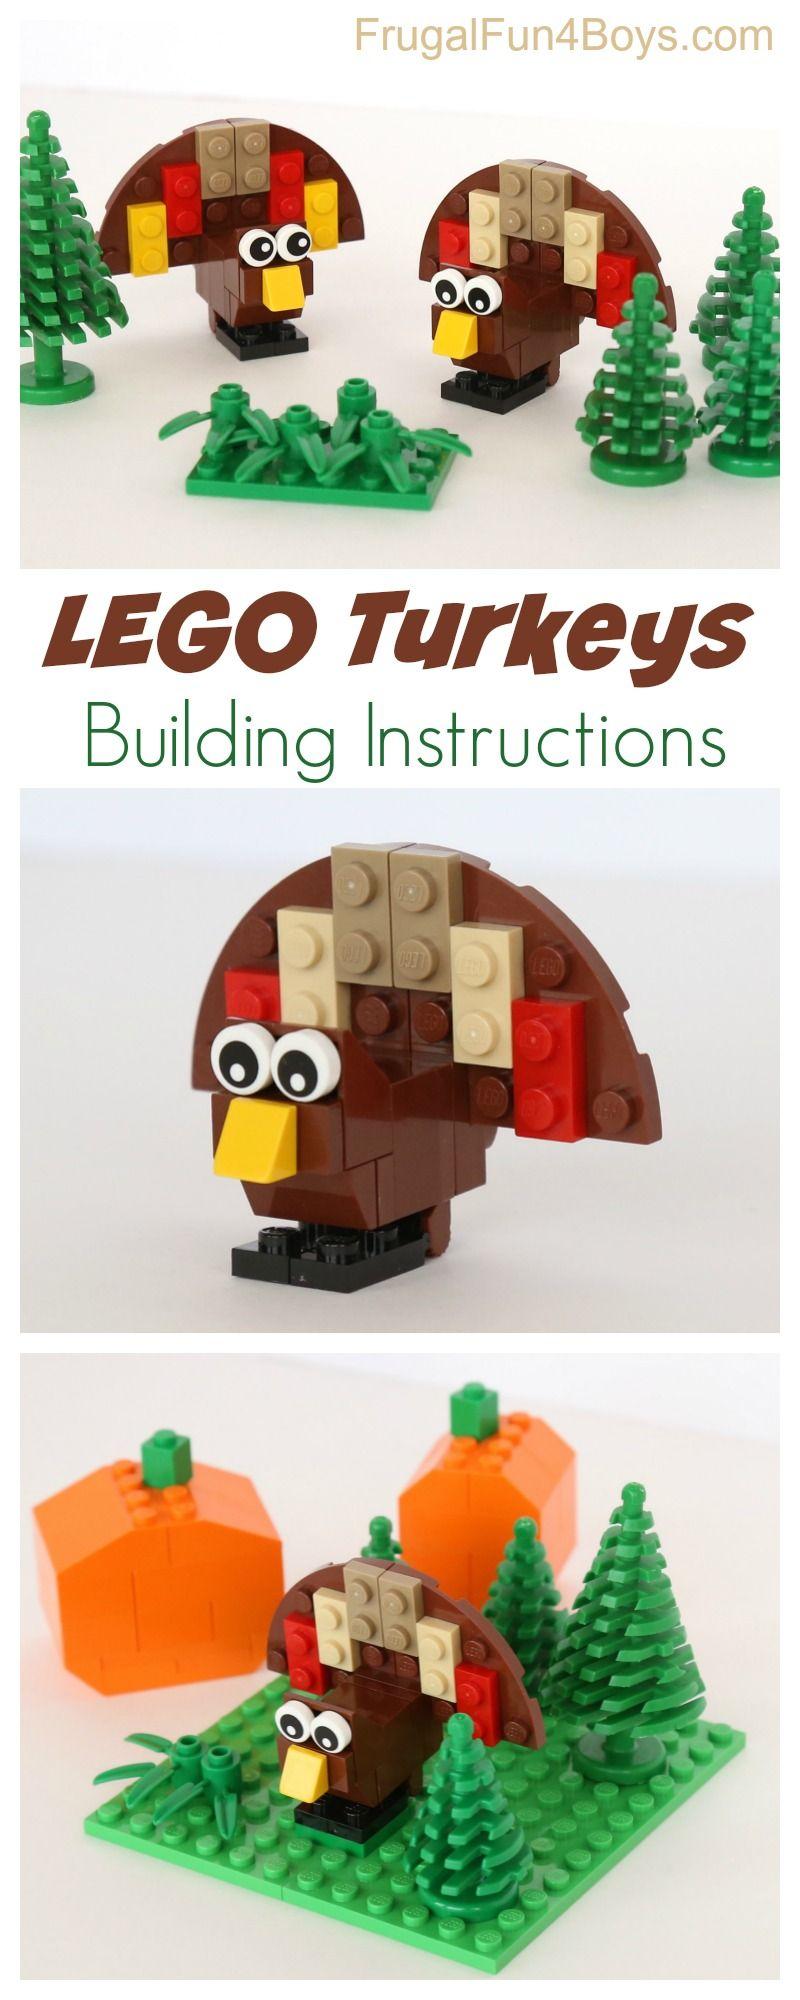 Lego pilgrim instructions 40046, promotional.